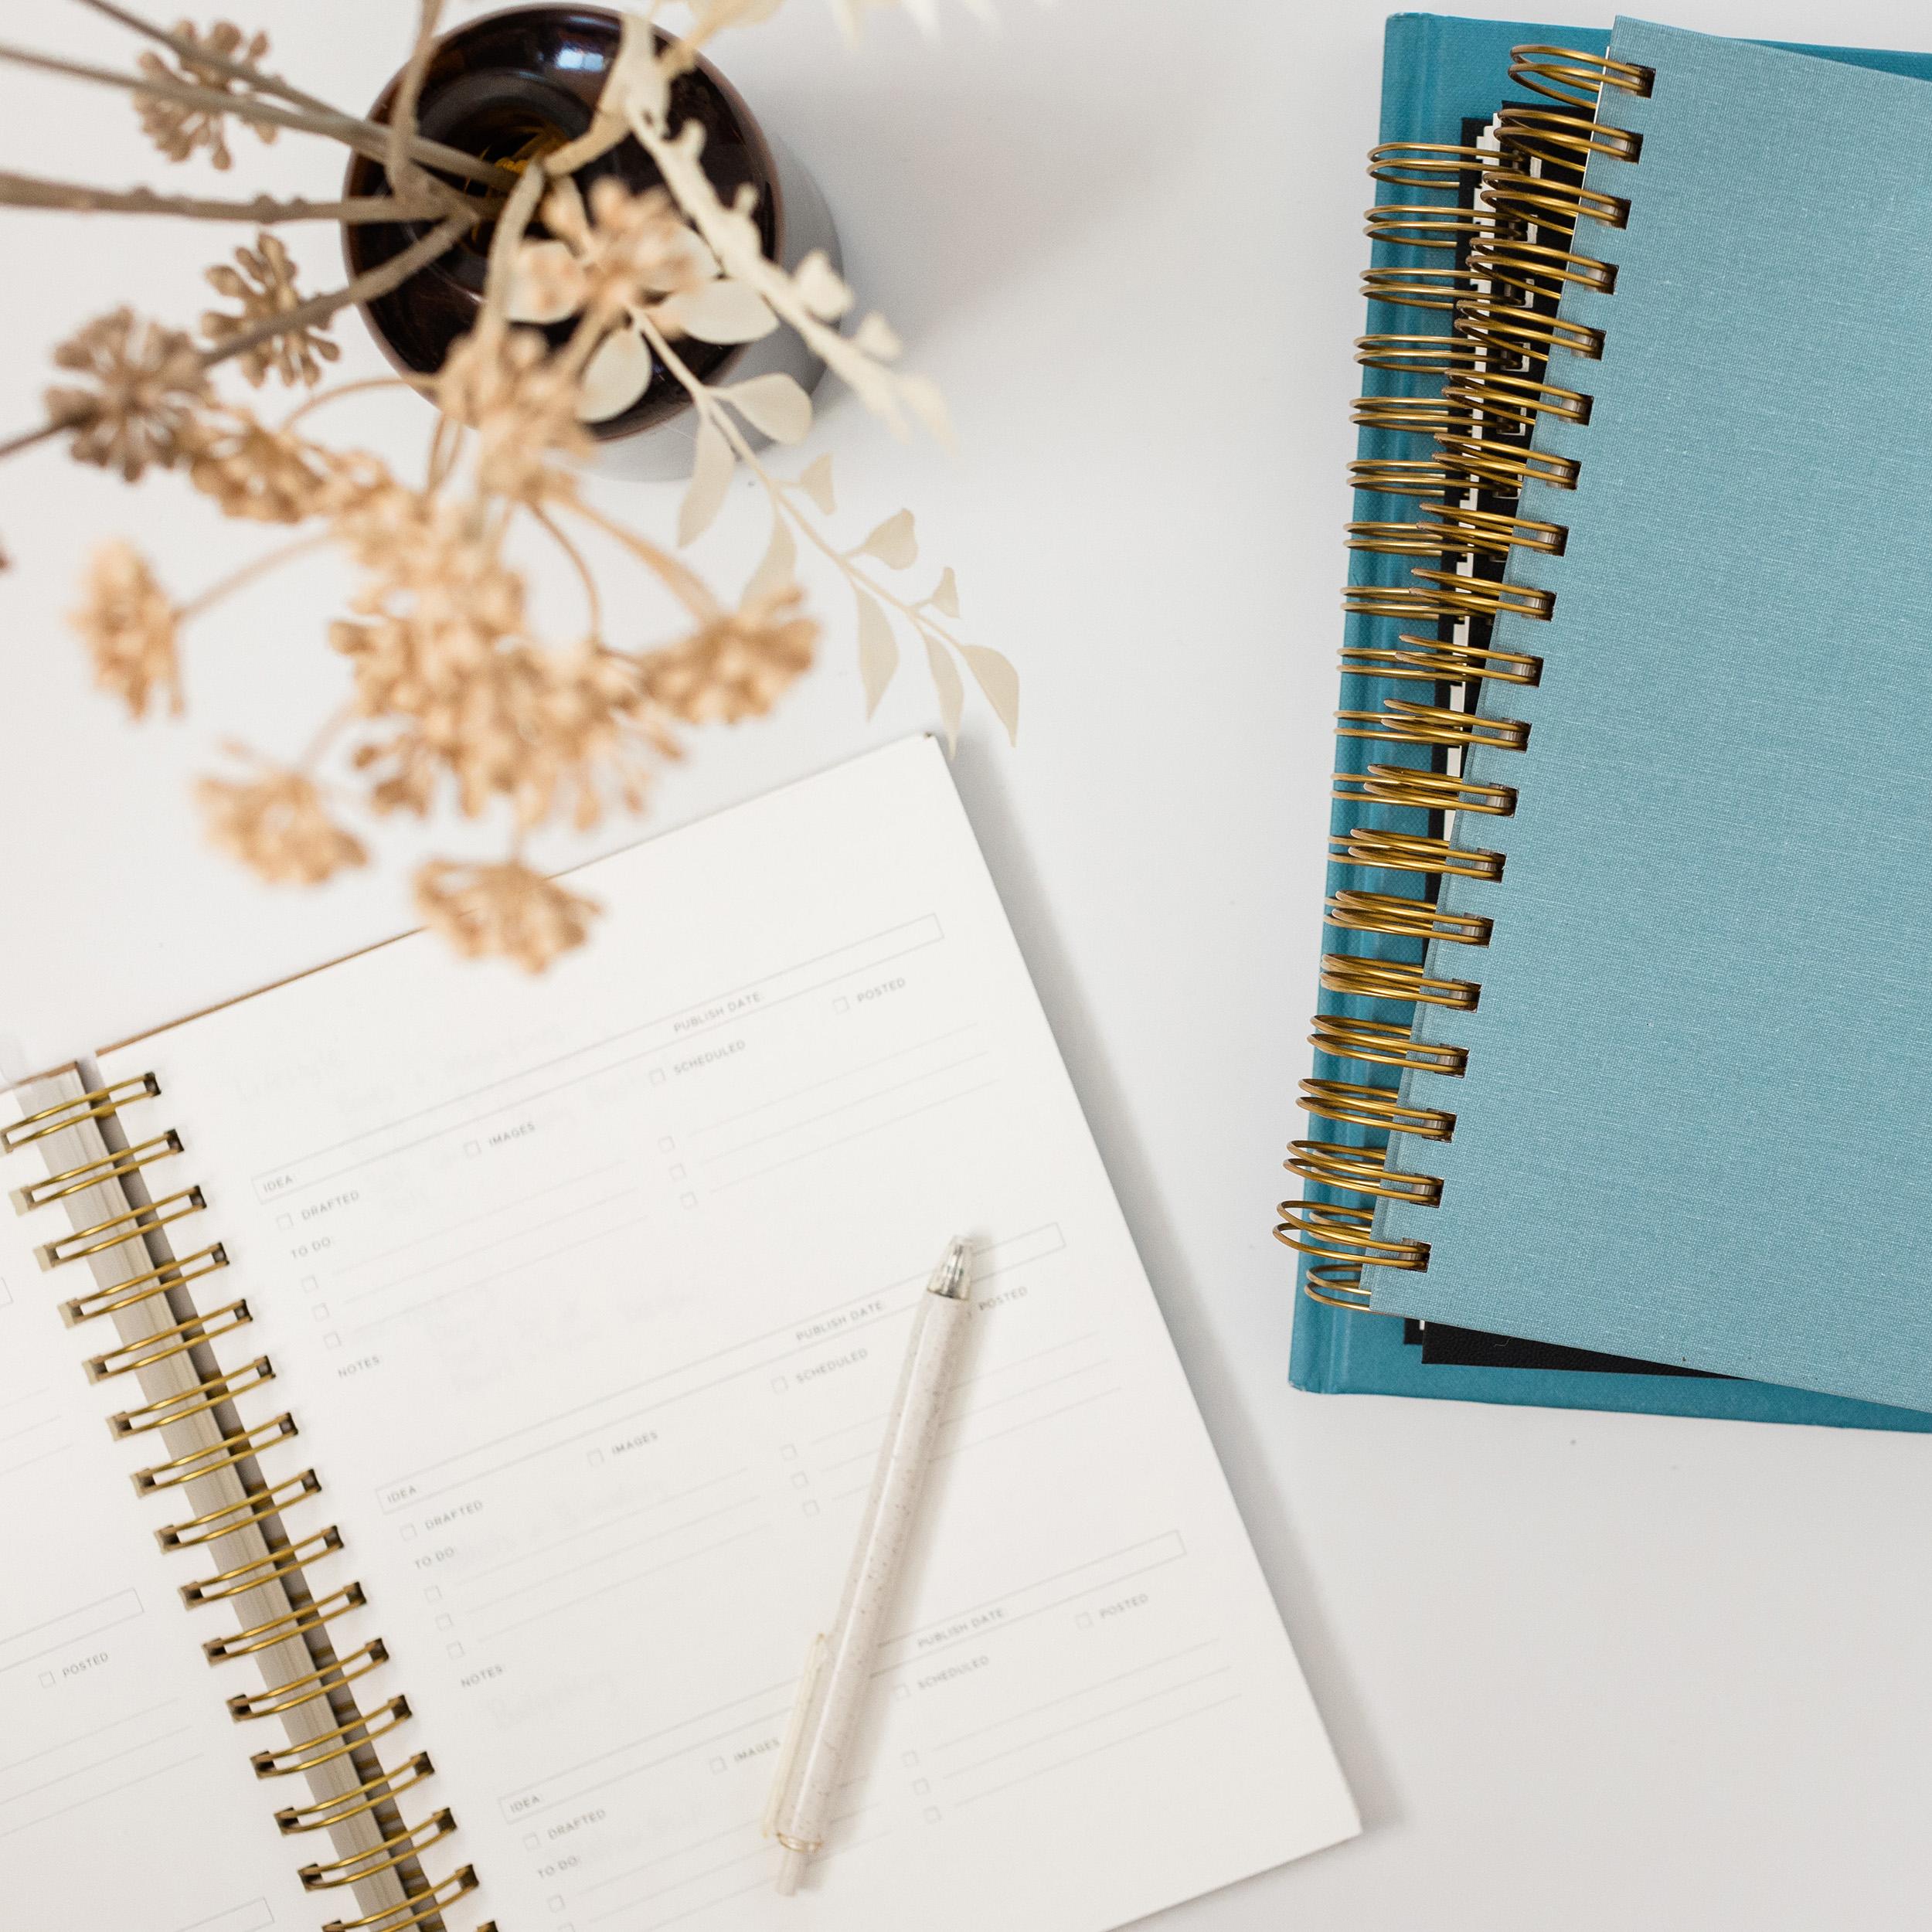 Diary Entry #28